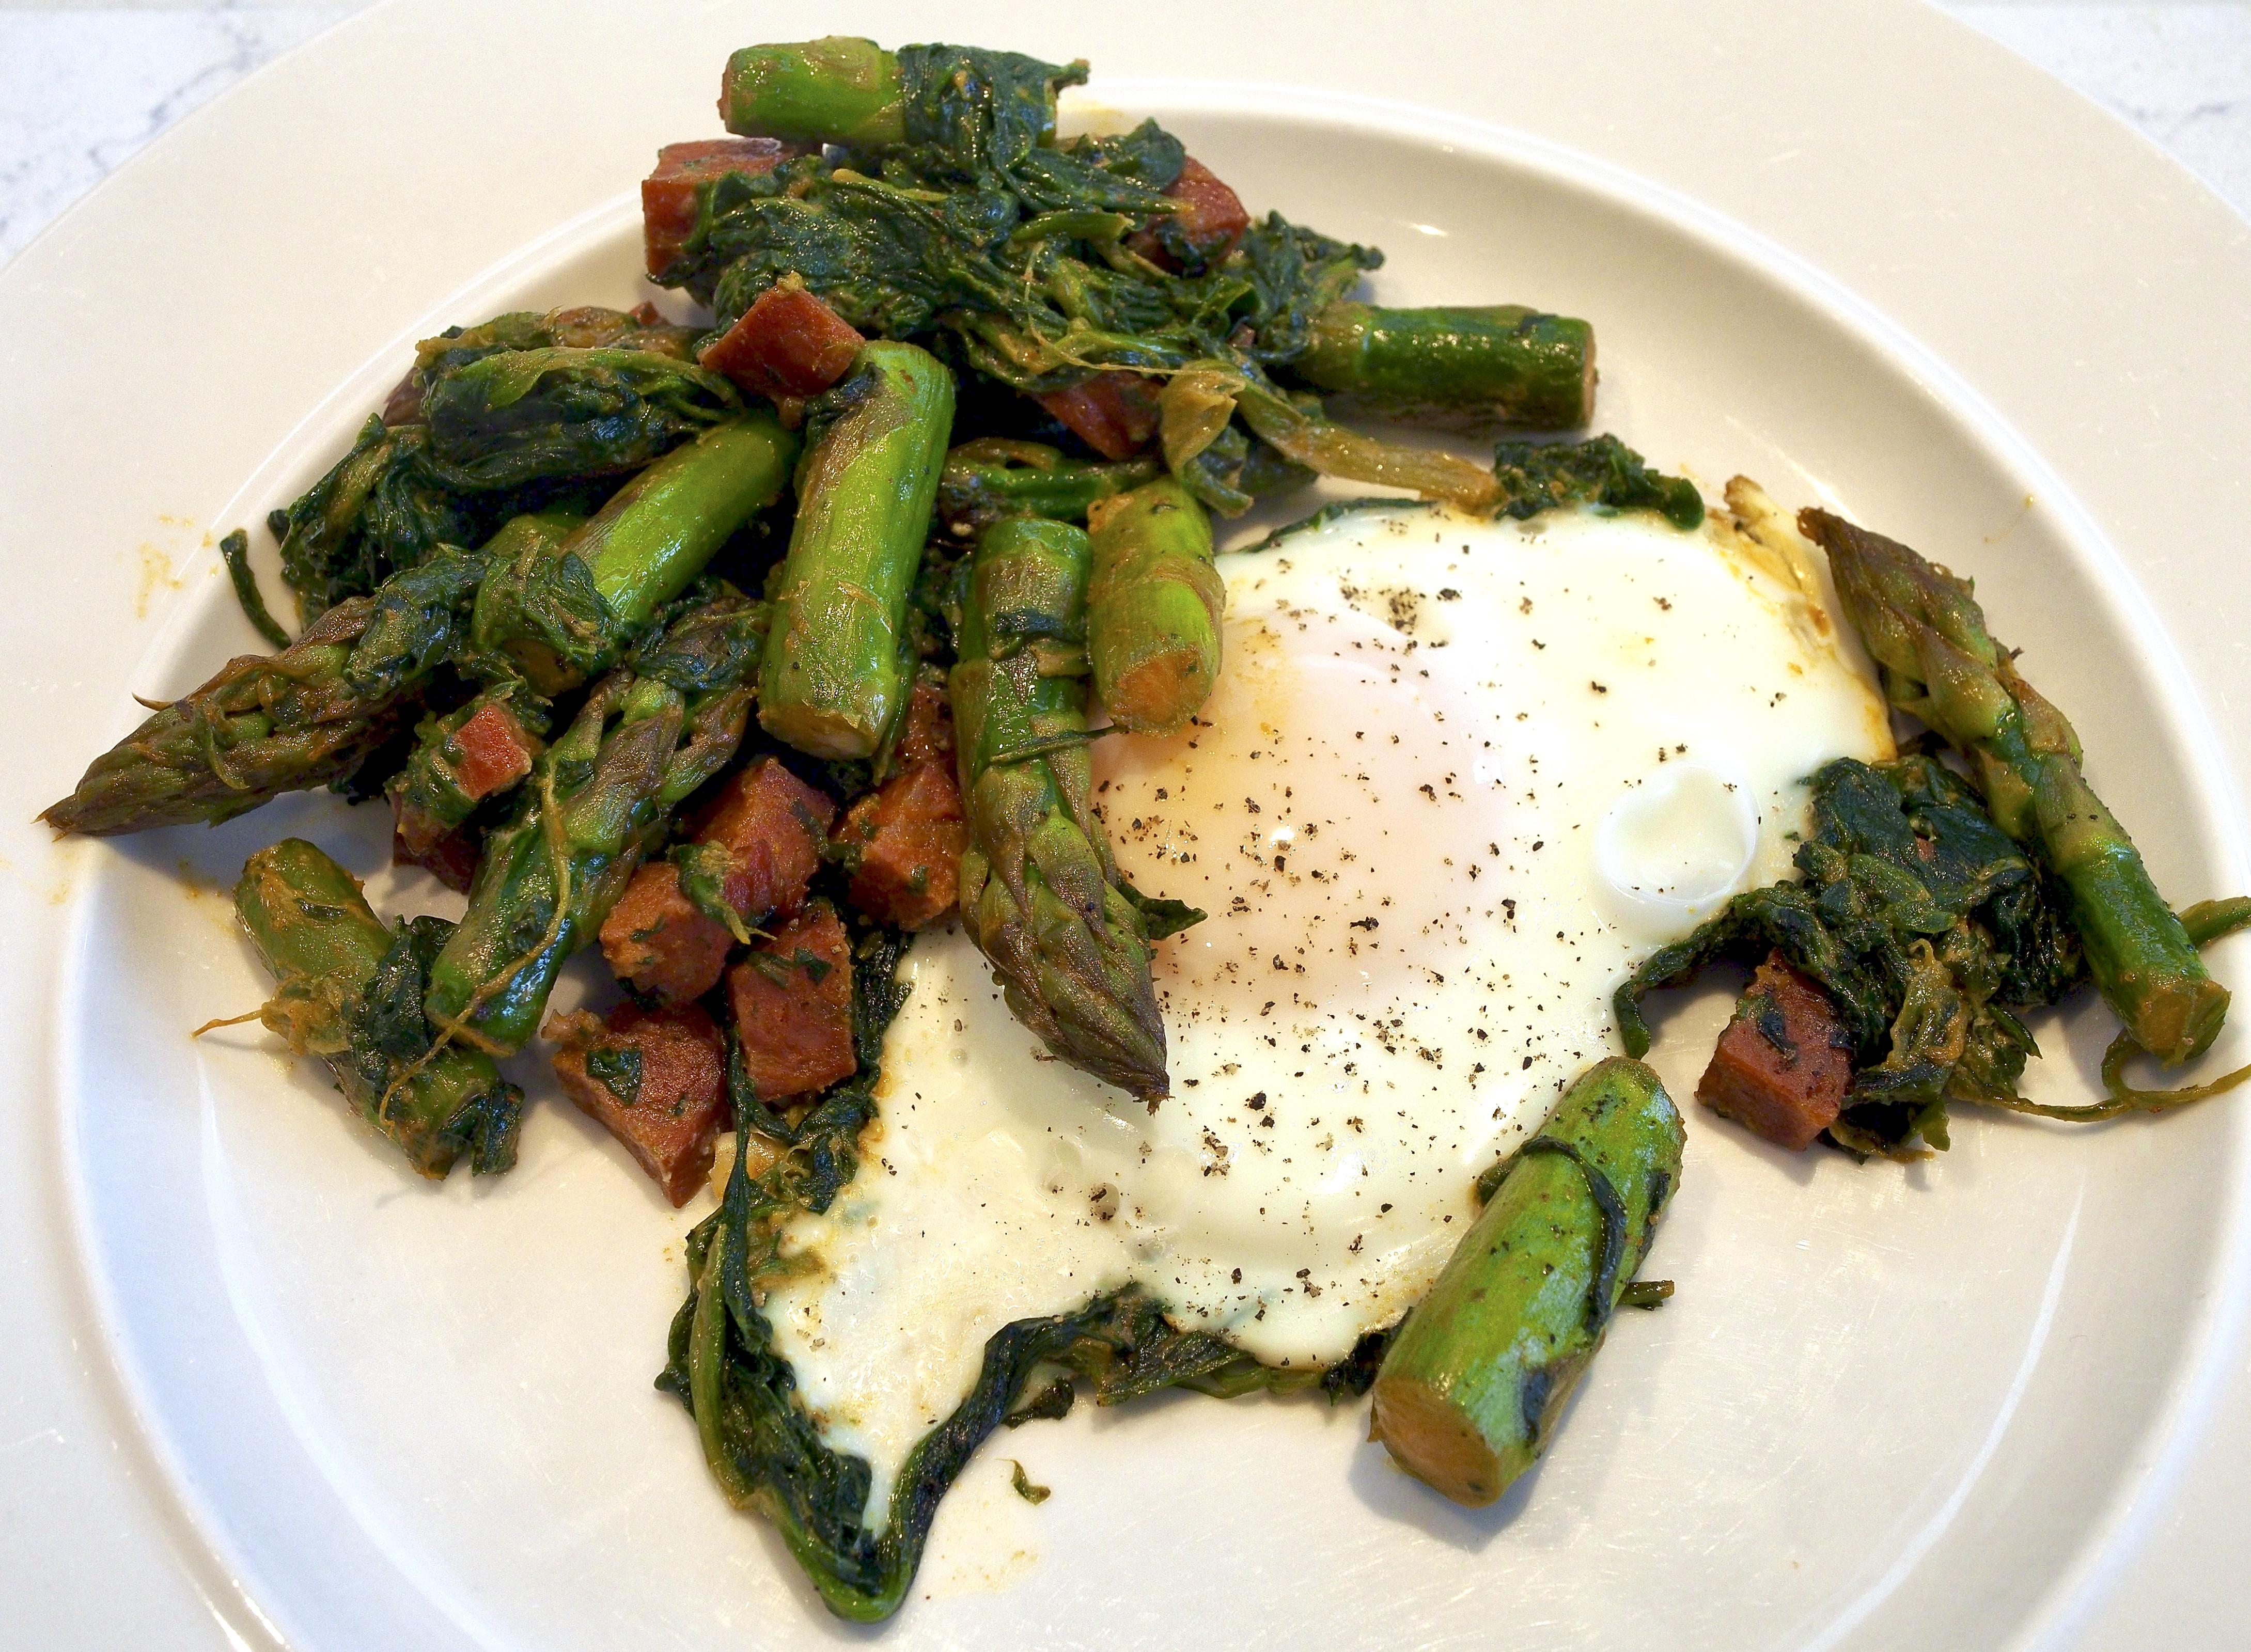 Spicy Asparagus & Chorizo Baked Egg